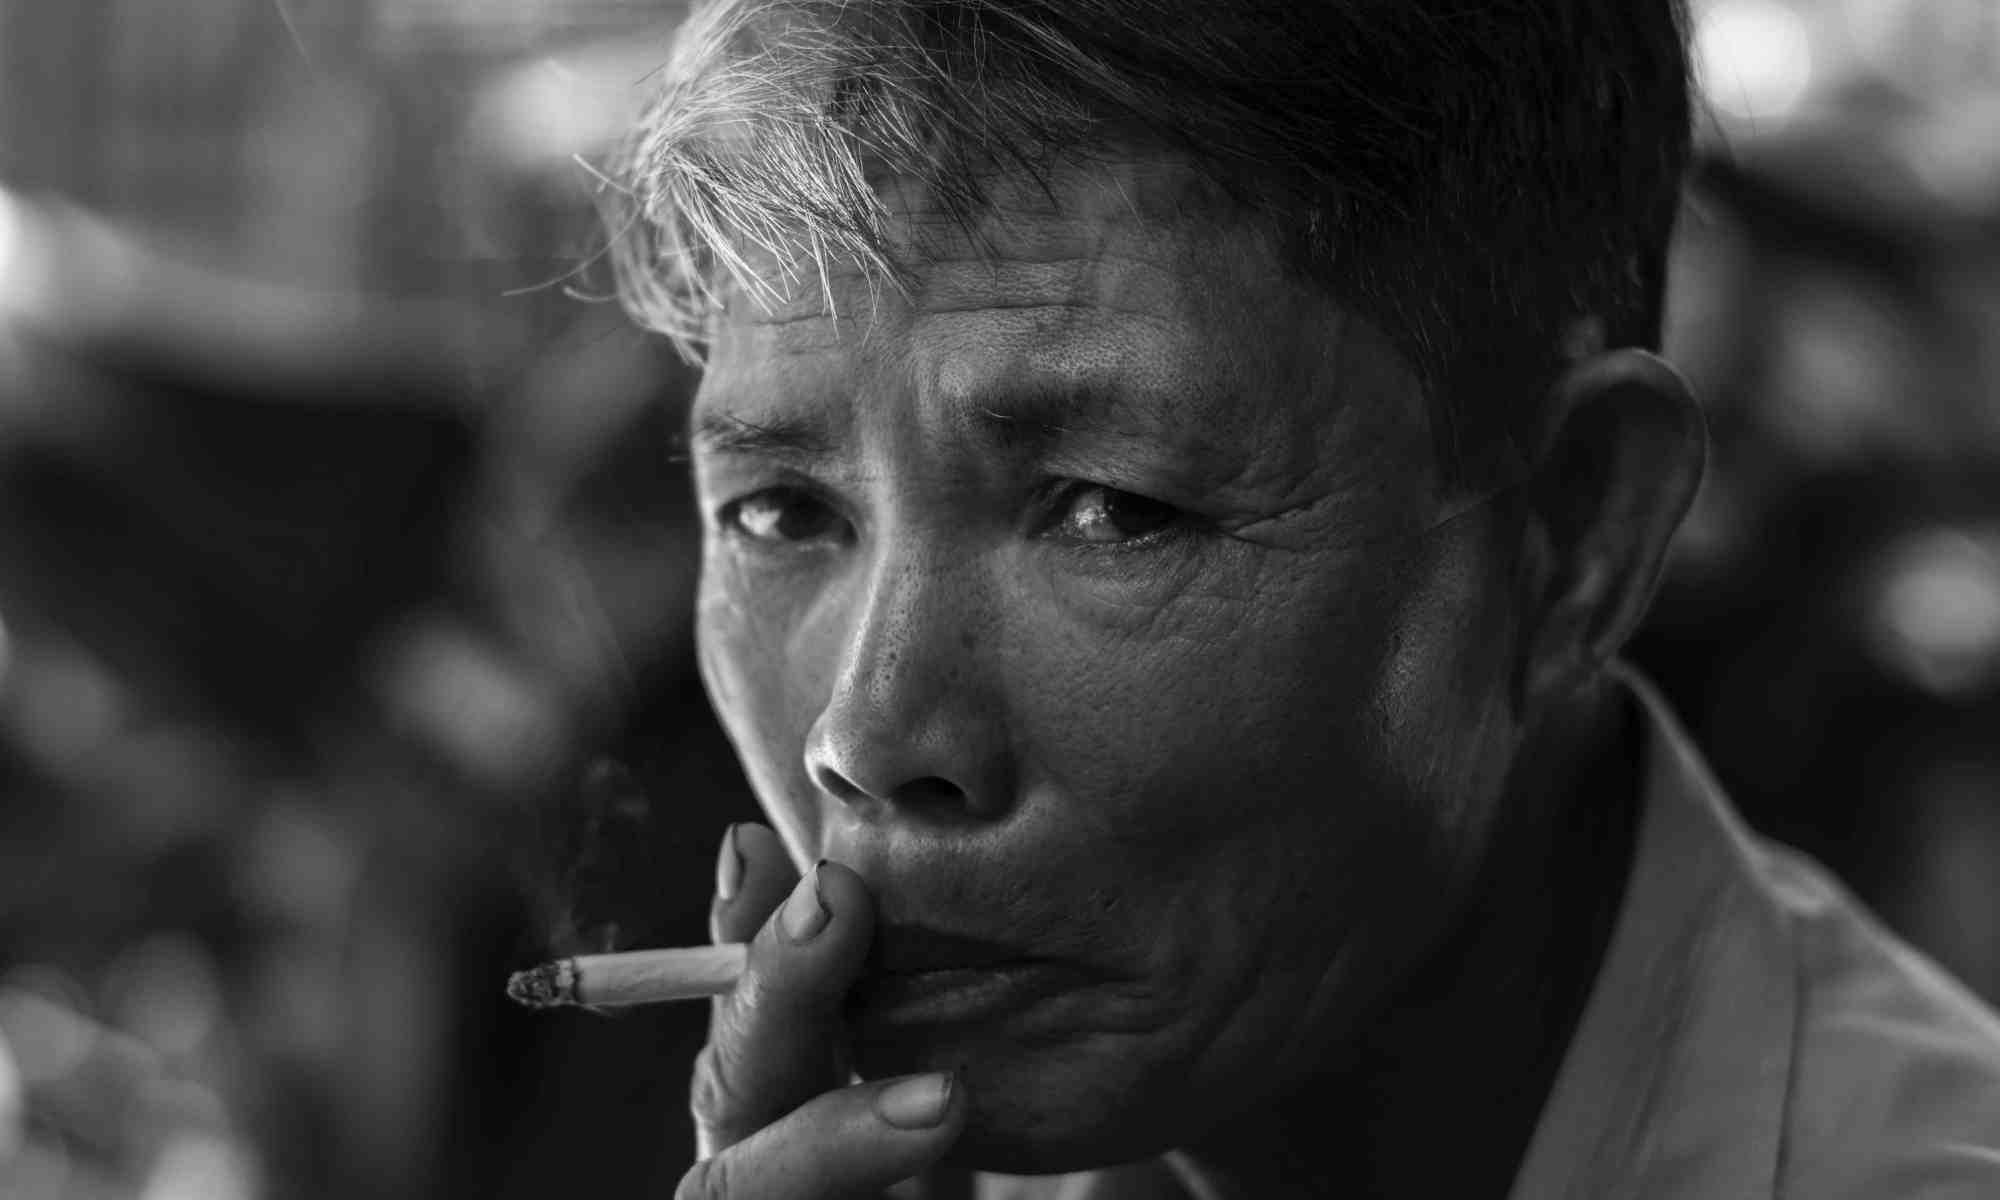 ▷ Razones por las que la gente empieza a fumar. ¿Cuál es la tuya? 1